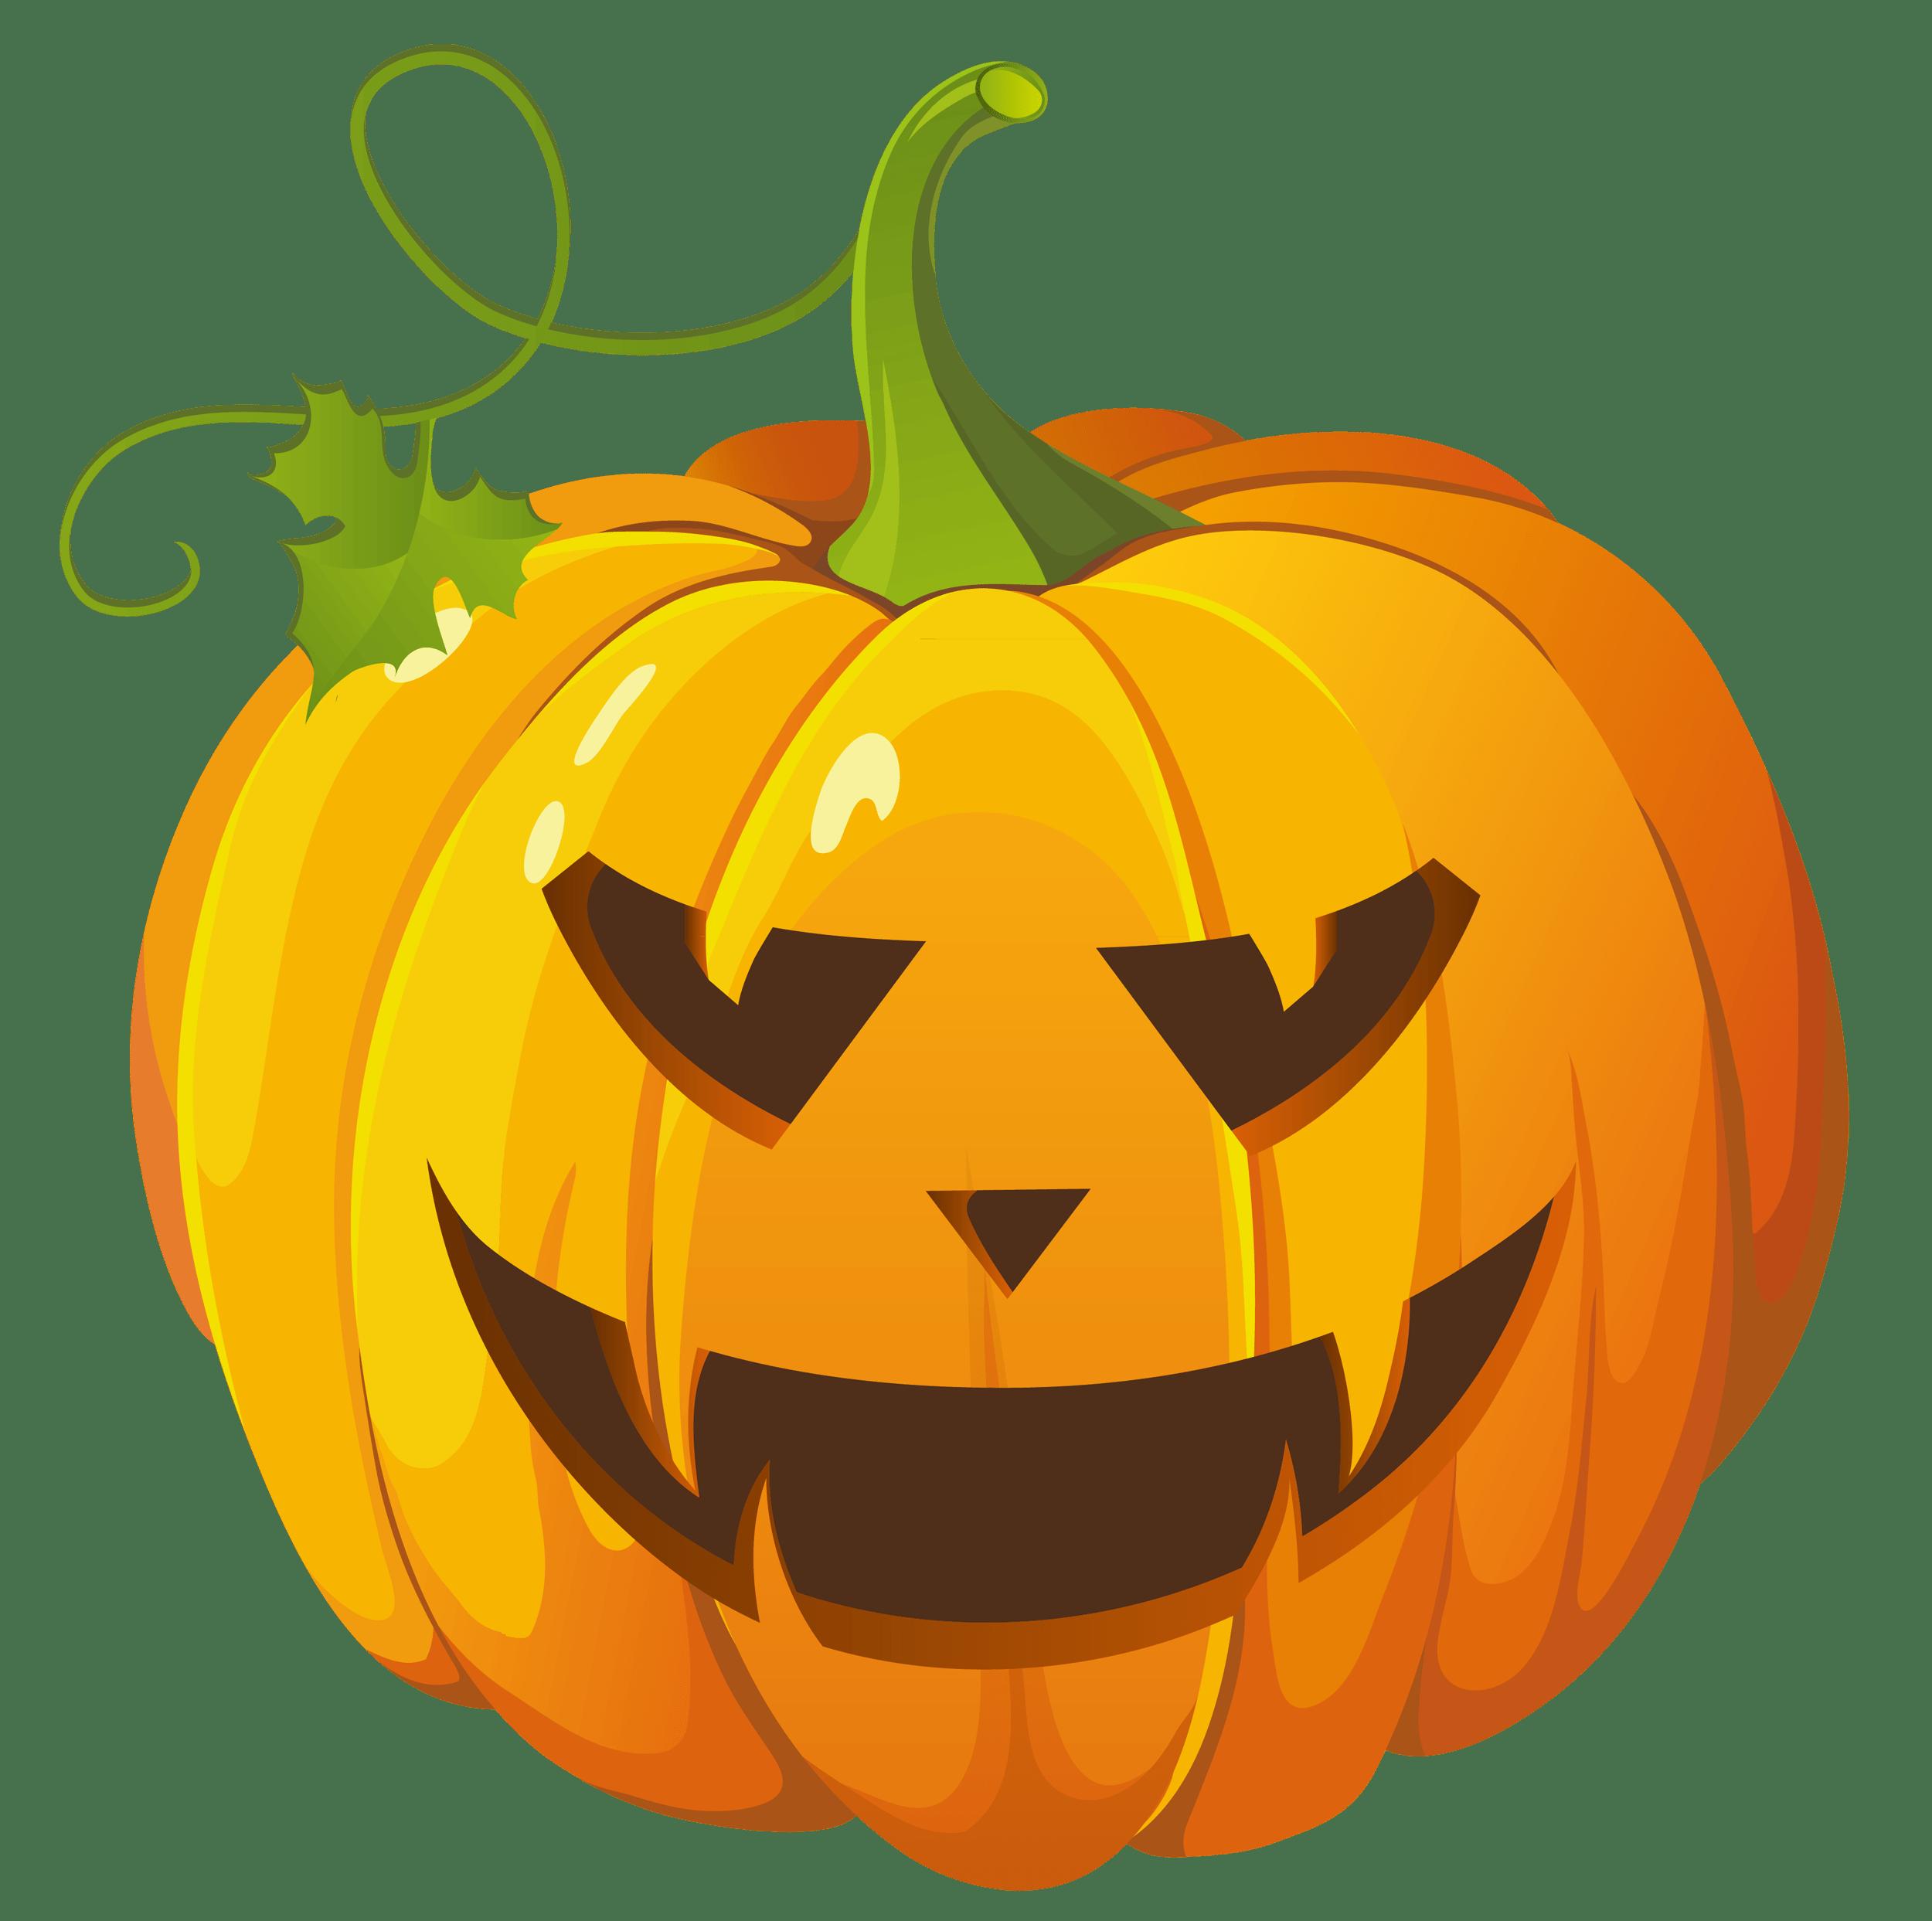 vector royalty free download Halloween clipart pumpkin patch. Cute cutepumpkinpatchclipartlargetransparenthalloweenpumpkinclipart